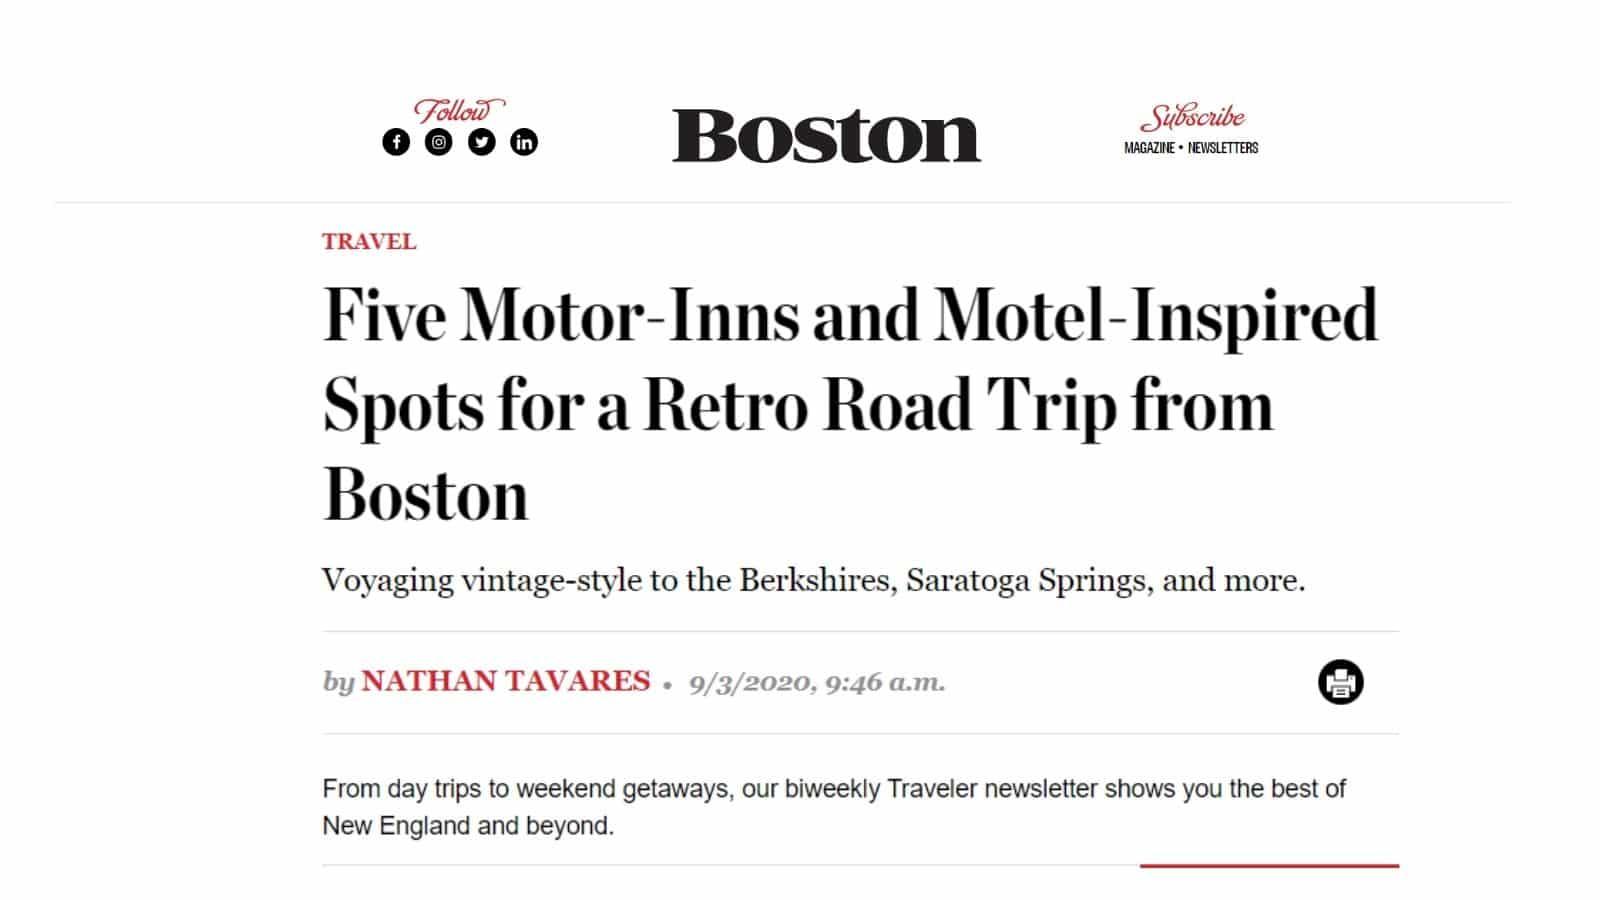 Boston.com article